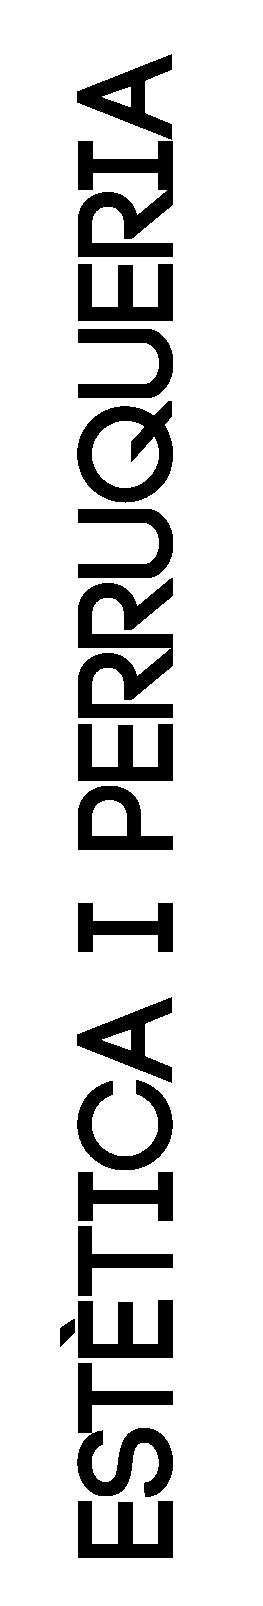 ESTETICA-01